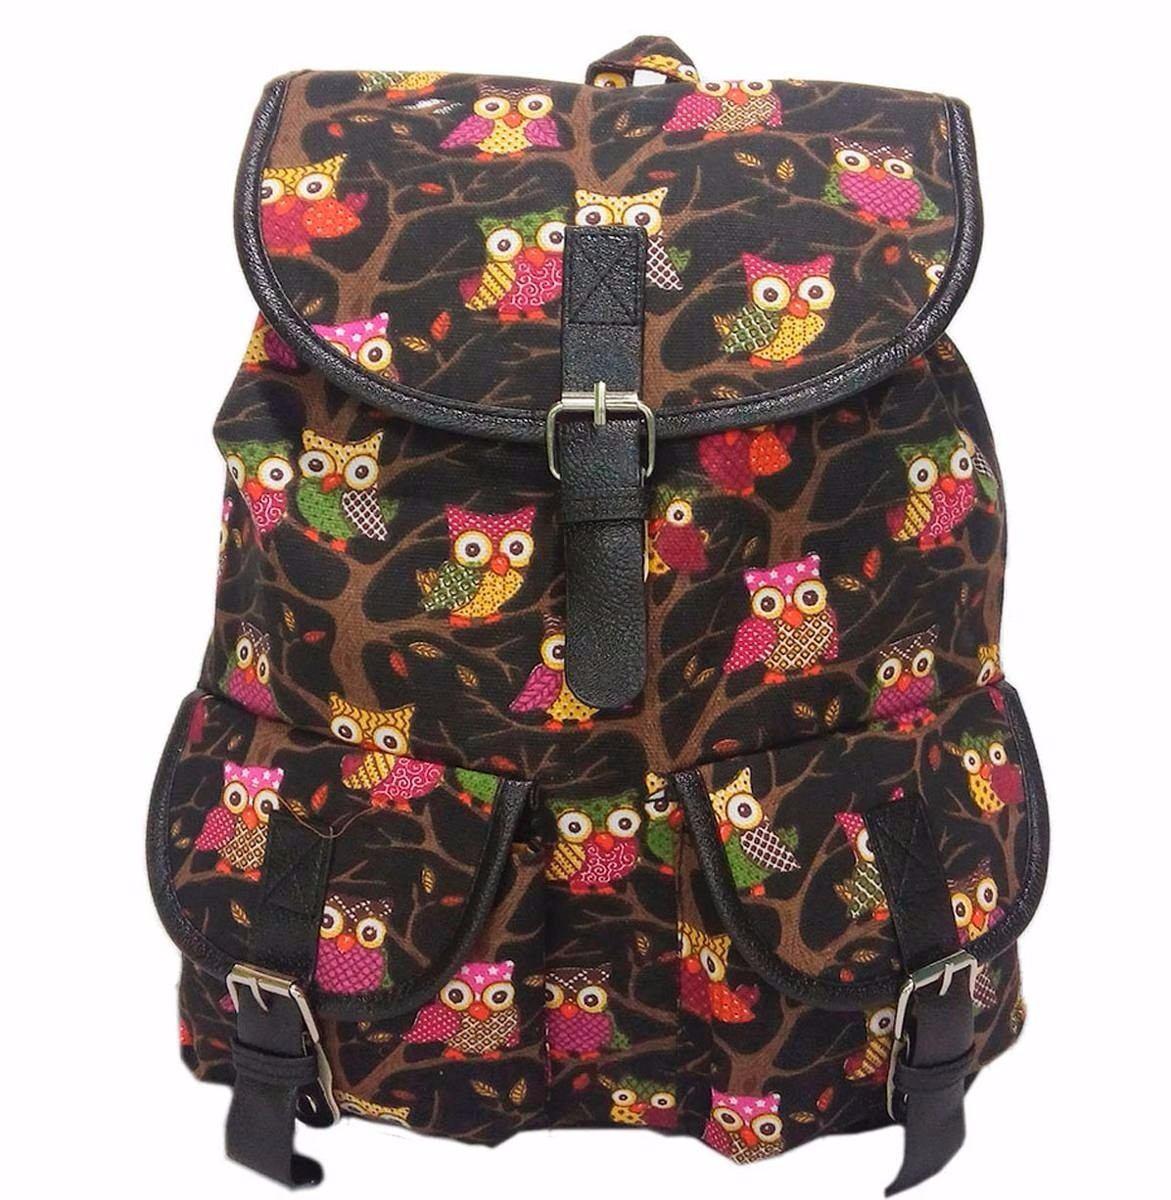 Bolsa Escolar Dos Minions Feminina : Bolsa mochila feminina com estampa de coruja r em